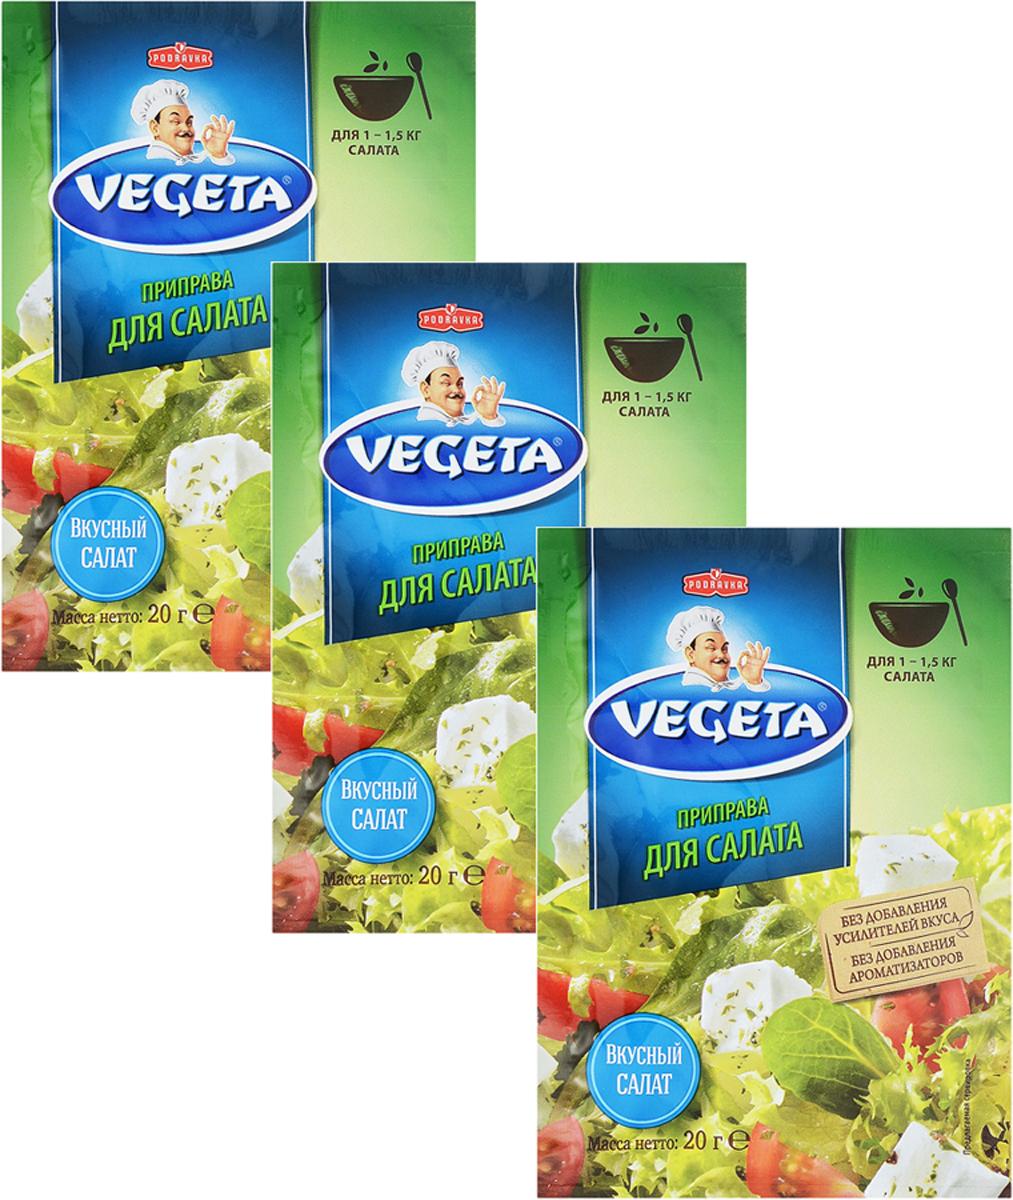 Vegeta приправа для салата, 3 пакета по 20 г21073128Независимо от того, идет ли речь о хрустящем зеленом салате, о комбинации с сочными свежими помидорами или же о холодных салатах из вареных овощей - это идеальная салатная приправа, благодаря которой вы каждый раз открываете для себя что-то новое.С яблочным или бальзамическим уксусом, оливковым или тыквенным маслом любая история о салате, если в ней участвует приправа для салата Vegeta имеет счастливый конец! Роскошный, вкусный и неотразимый салат.Практичное и быстрое приготовление заправки для салата.Уважаемые клиенты! Обращаем ваше внимание, что полный перечень состава продукта представлен на дополнительном изображении.